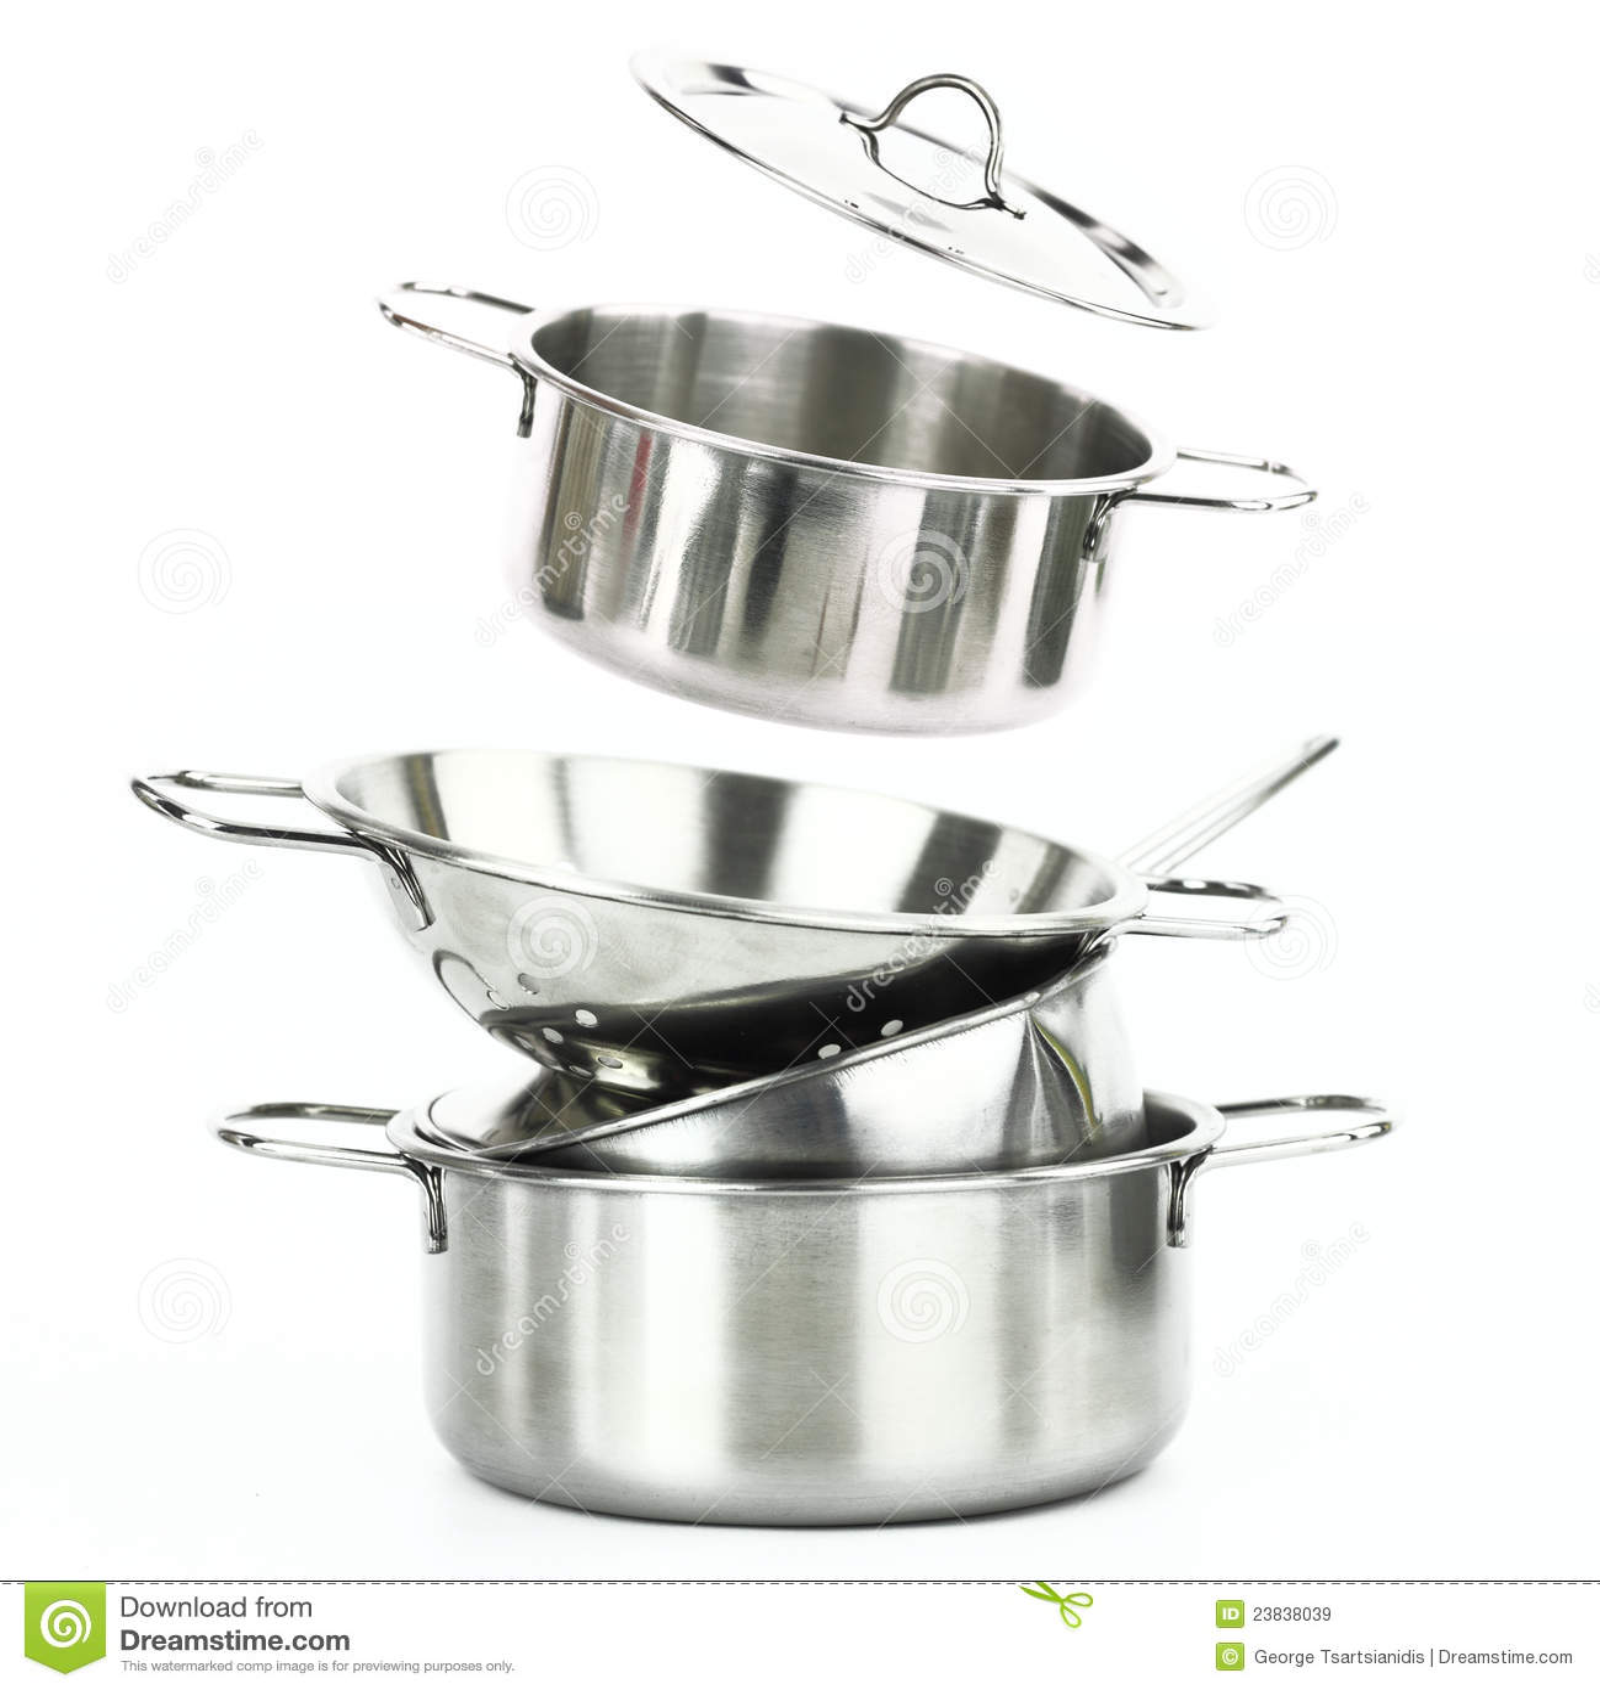 Utensilios De Cocina Del Acero Inoxidable Imagen de archivo - Imagen ...